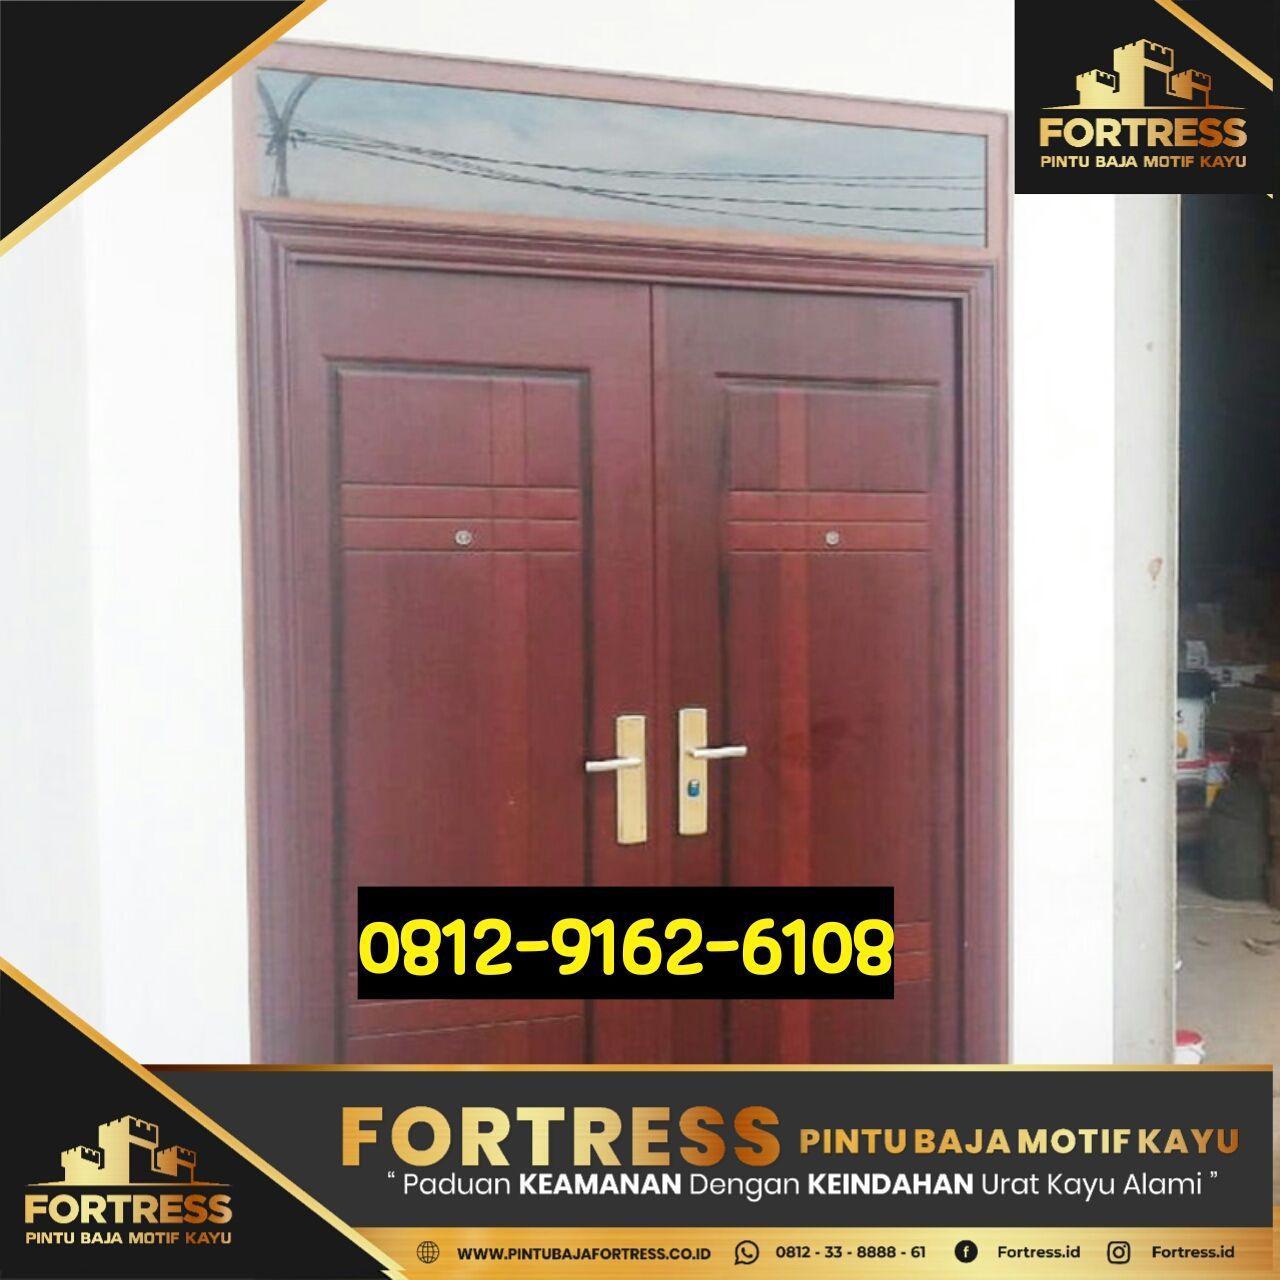 0812-9162-6105 (FOTRESS), mild steel door and frame, lock…